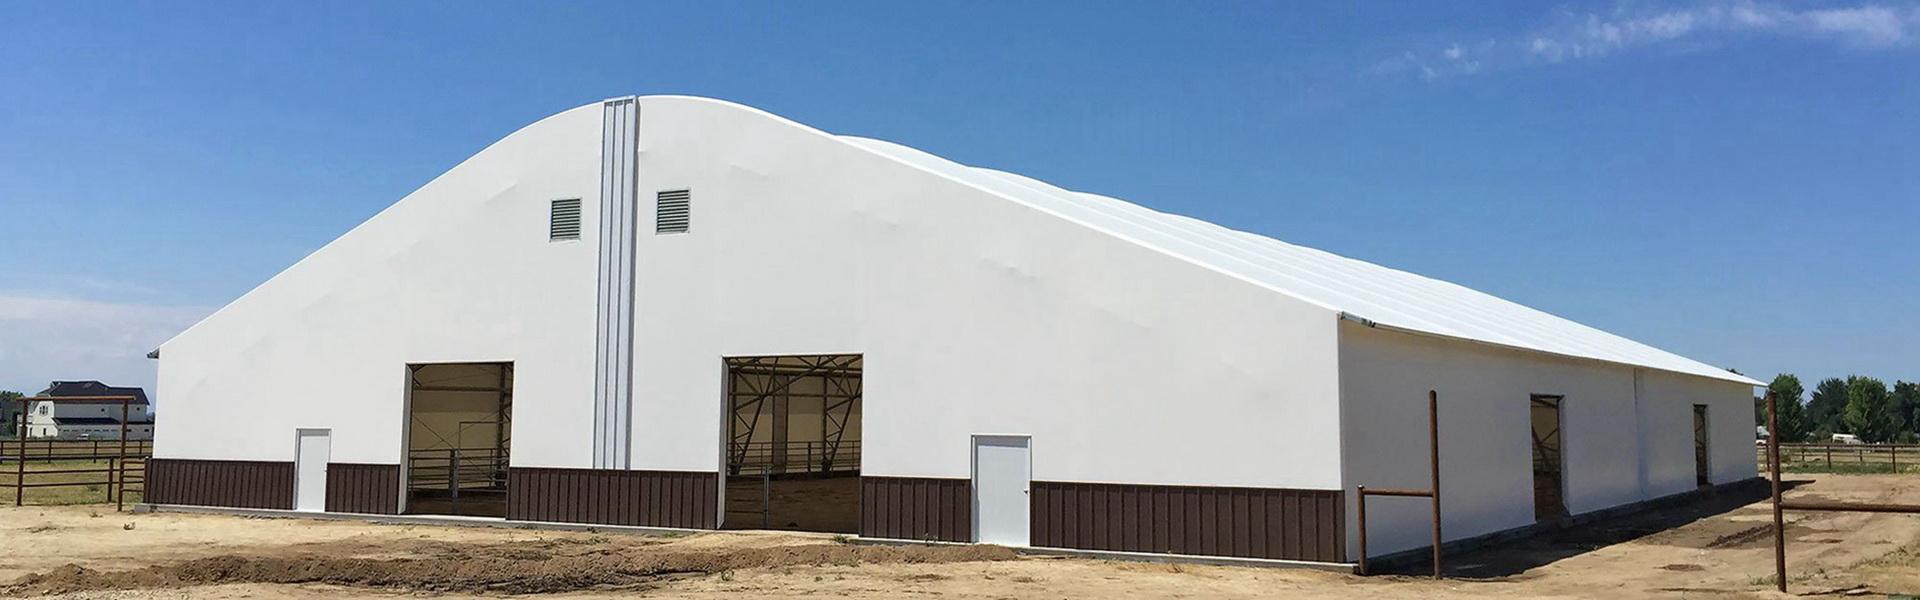 大型仓储雨篷,大型仓库雨篷